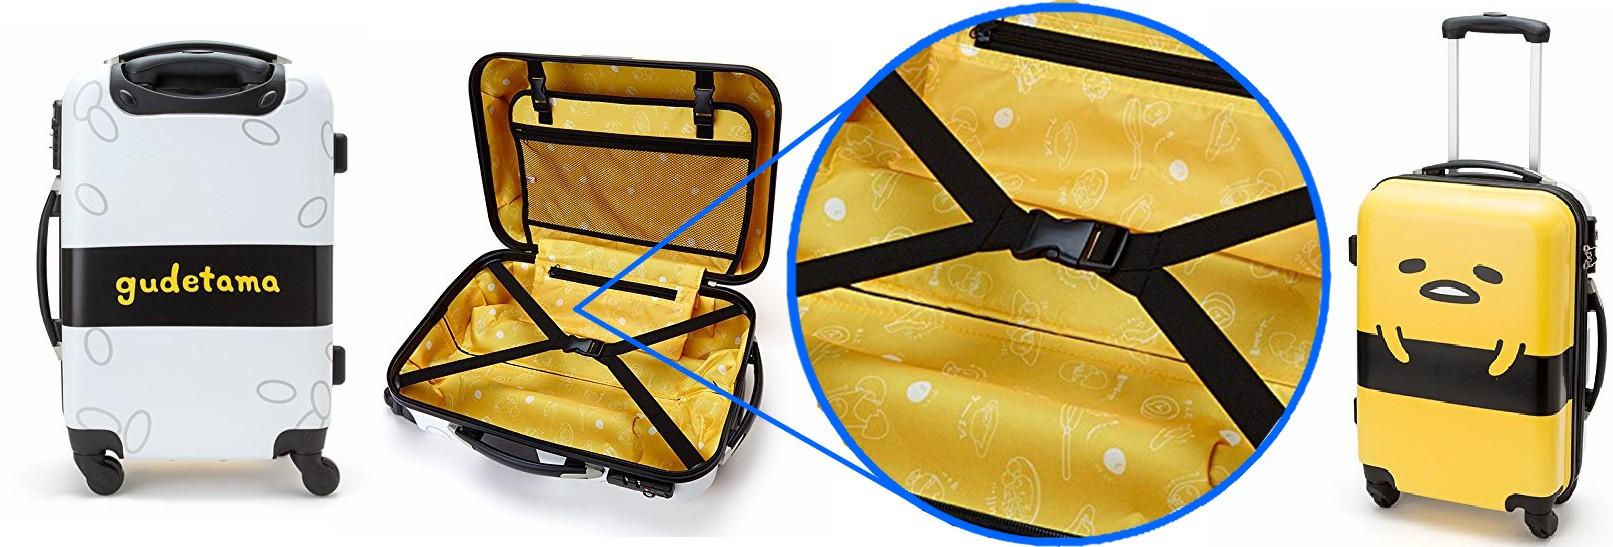 Gudetama Suitcase